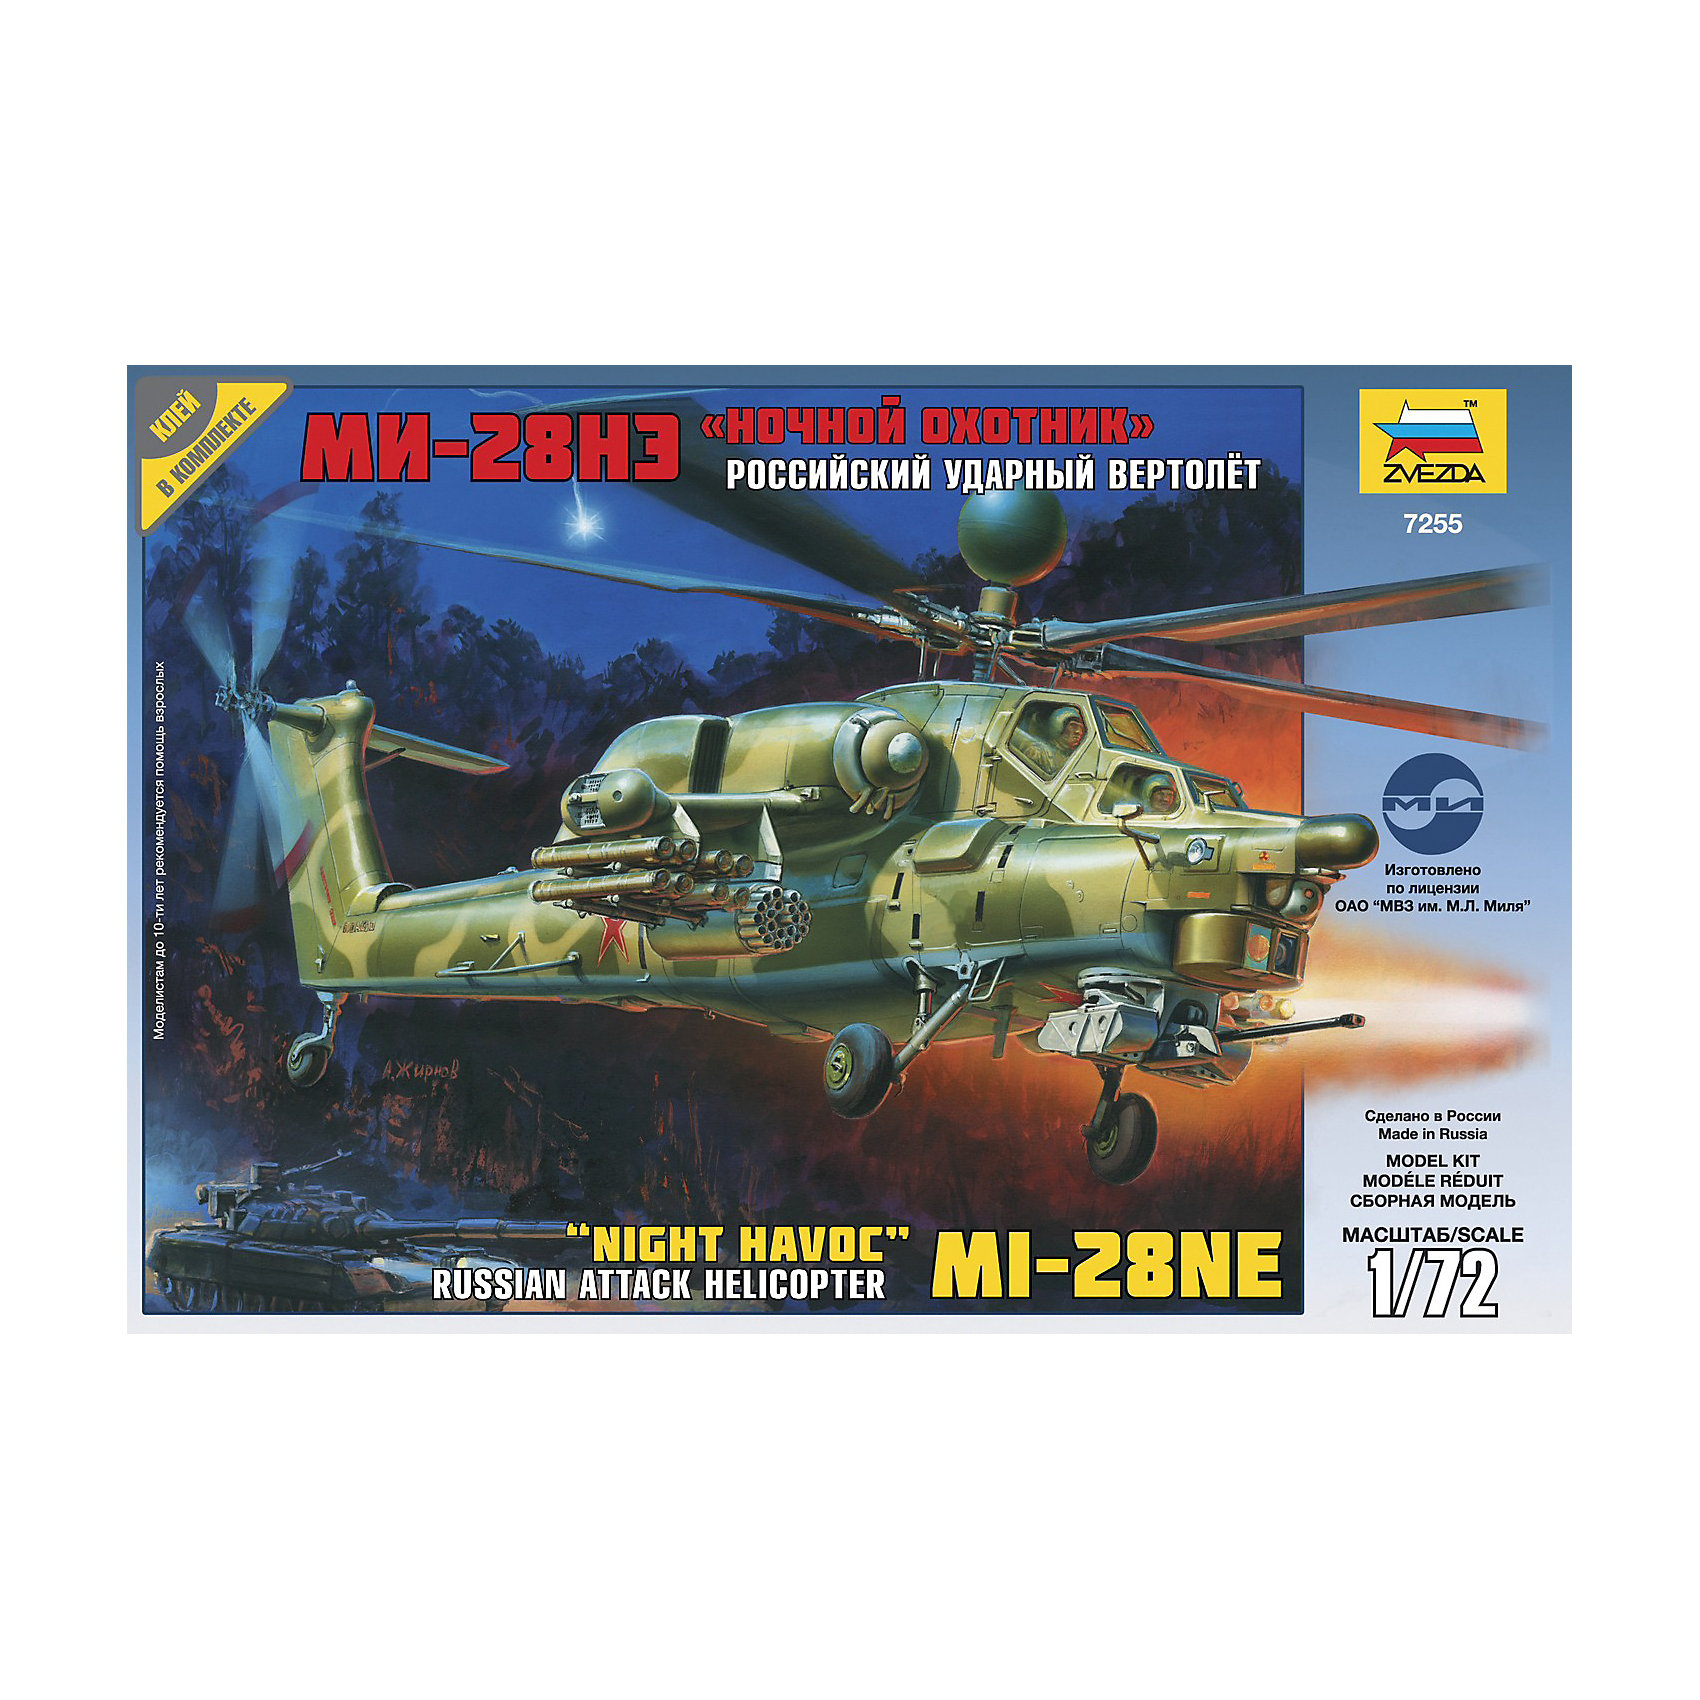 Сборная модель Вертолет Ми-28Н, ЗвездаСамолёты и вертолёты<br>Сборка моделей вертолетов – весьма увлекательное и полезное занятие, которое приобретает все больше поклонников как среди детей, так и среди взрослых. Детям младшего возраста модели вертолетов для склеивания помогут развить моторику рук, привить внимание к деталям, усидчивость и терпение. Представляем Вашему вниманию сборную модель «Вертолет Ми-28Н»! После окончания сборки Вы получите реалистичную и очень детализированную модель ударного боевого вертолета. Вертолет Ми-28Н предназначен для ведения боевых действий ночью или при неблагоприятных погодных условиях. Первый полет вертолет совершил в ноябре 1996 года. У этой модификации машины лопасти полностью изготовлены из композитных материалов и выдерживают попадание 30-мм снарядов. На вертолете установлено новое электронное оборудование управления боевыми действиями. Для ночных полетов экипаж оснащен приборами ночного виденья. Соберите Вертолет Ми-28Н для своей коллекции!<br><br>Дополнительная информация:<br><br>- В комплекте : 81 деталь и инструкция по сборке;<br>- Масштаб: 1:72;<br>- Прекрасный экспонат для коллекции;<br>- Реалистичная модель;<br>- Длина модели: 24 см;<br>- Размер упаковки: 20,5 х 30,5 х 5 см.<br><br>Сборную модель Вертолет Ми-28Н, Звезда можно купить в нашем интернет-магазине.<br><br>Ширина мм: 304<br>Глубина мм: 50<br>Высота мм: 205<br>Вес г: 255<br>Возраст от месяцев: 84<br>Возраст до месяцев: 168<br>Пол: Мужской<br>Возраст: Детский<br>SKU: 3789488